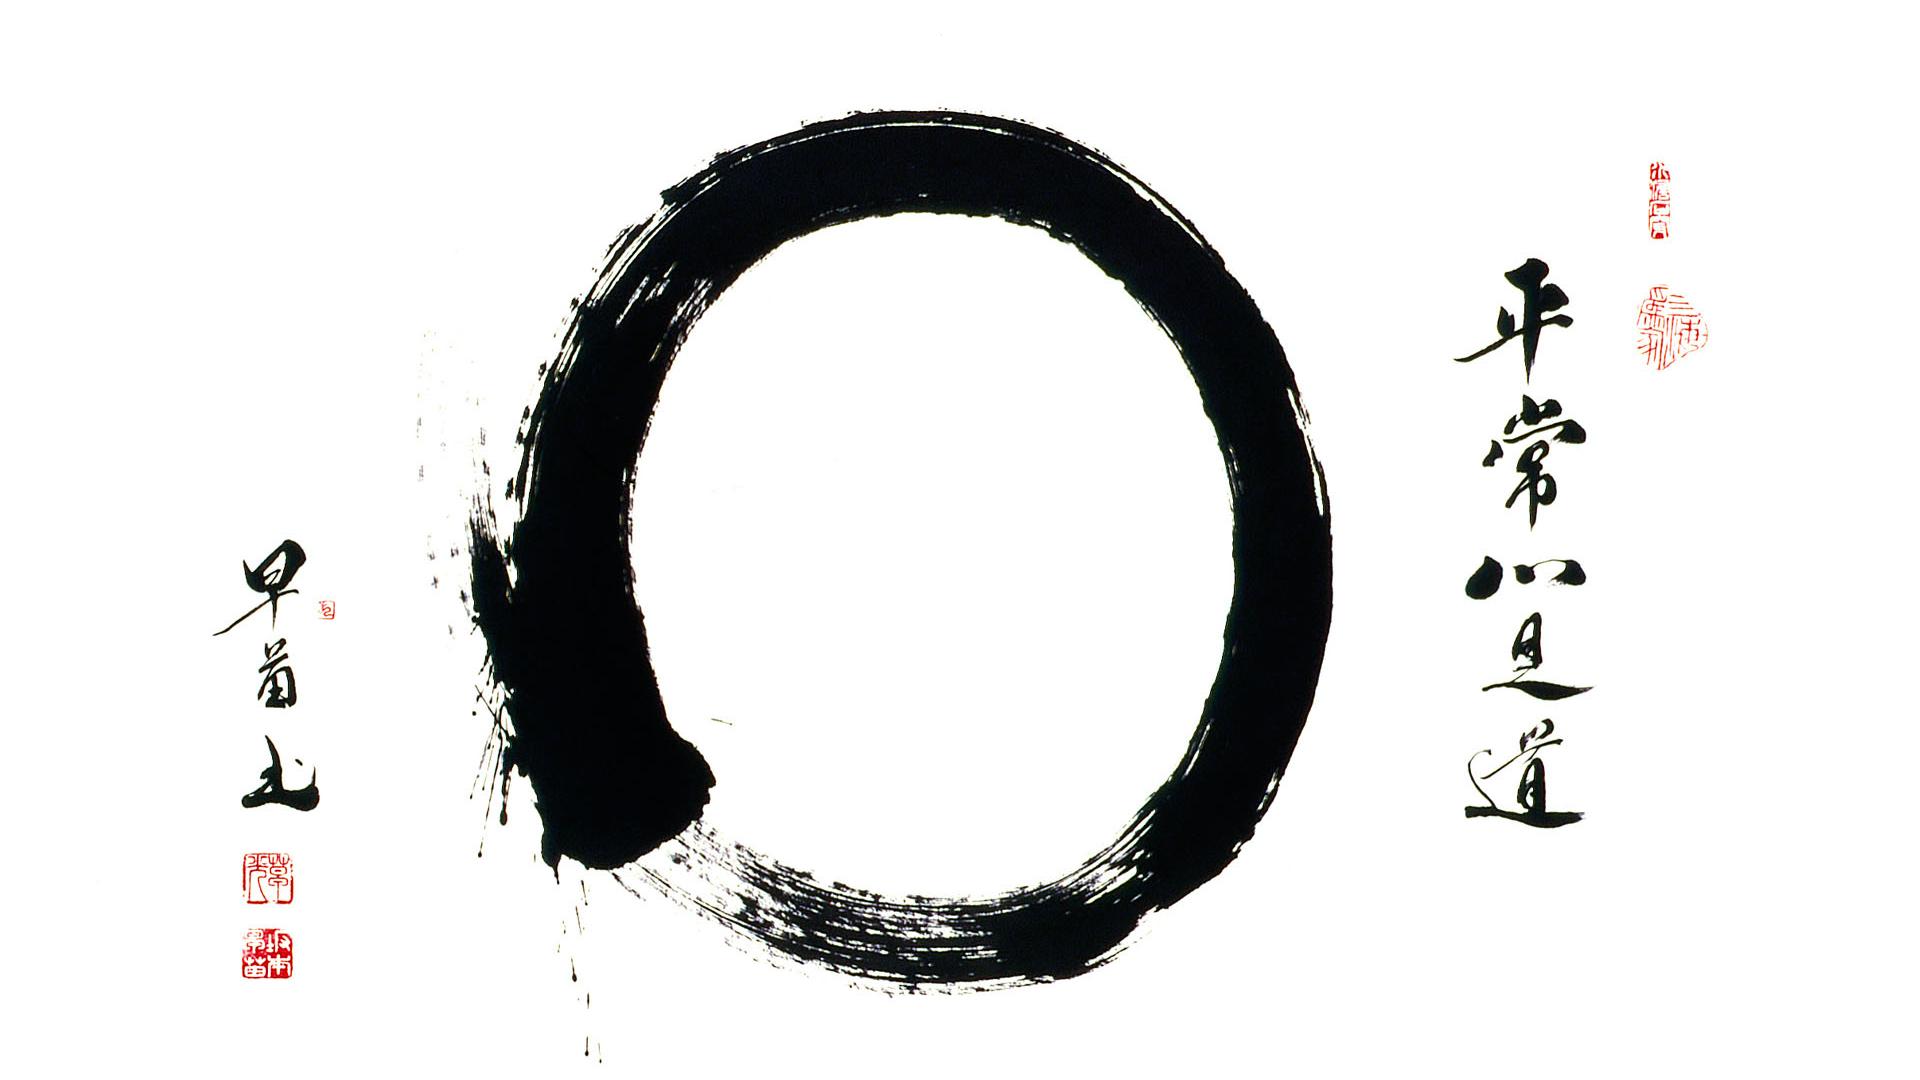 Zen Quote Desktop Wallpaper Religious 1920x1200 Download Resolutions 1920x1080